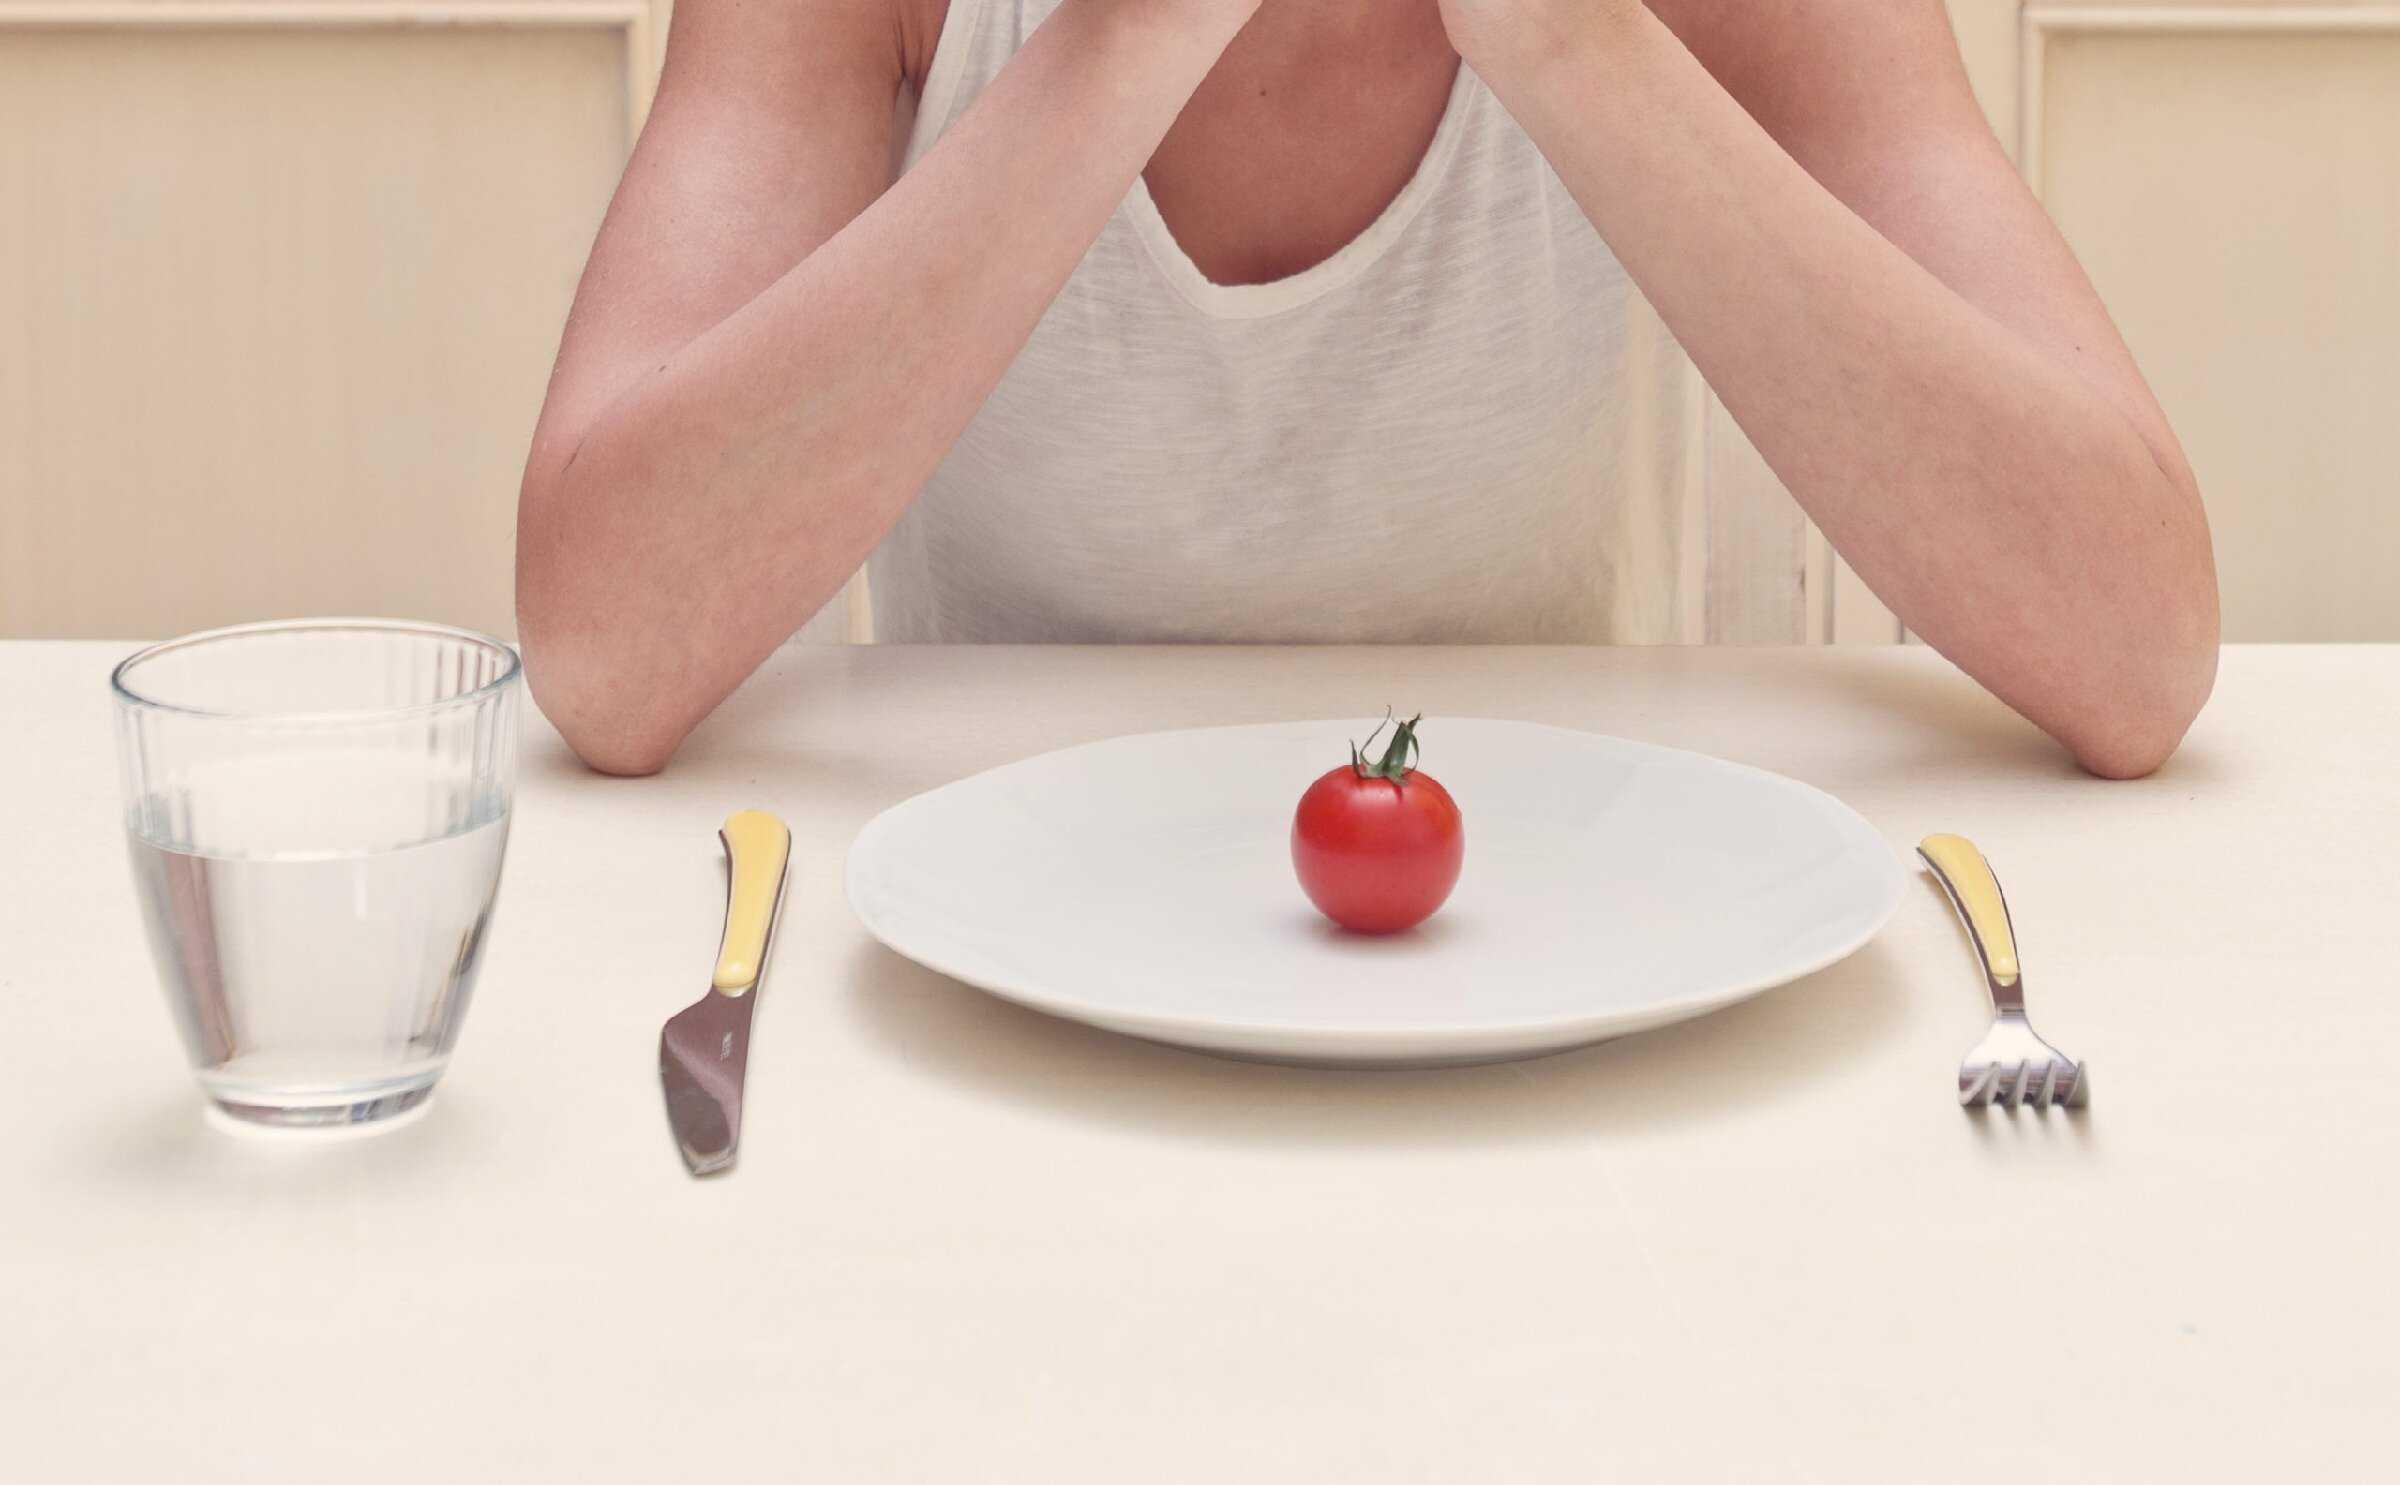 Чем вредно и опасно голодание